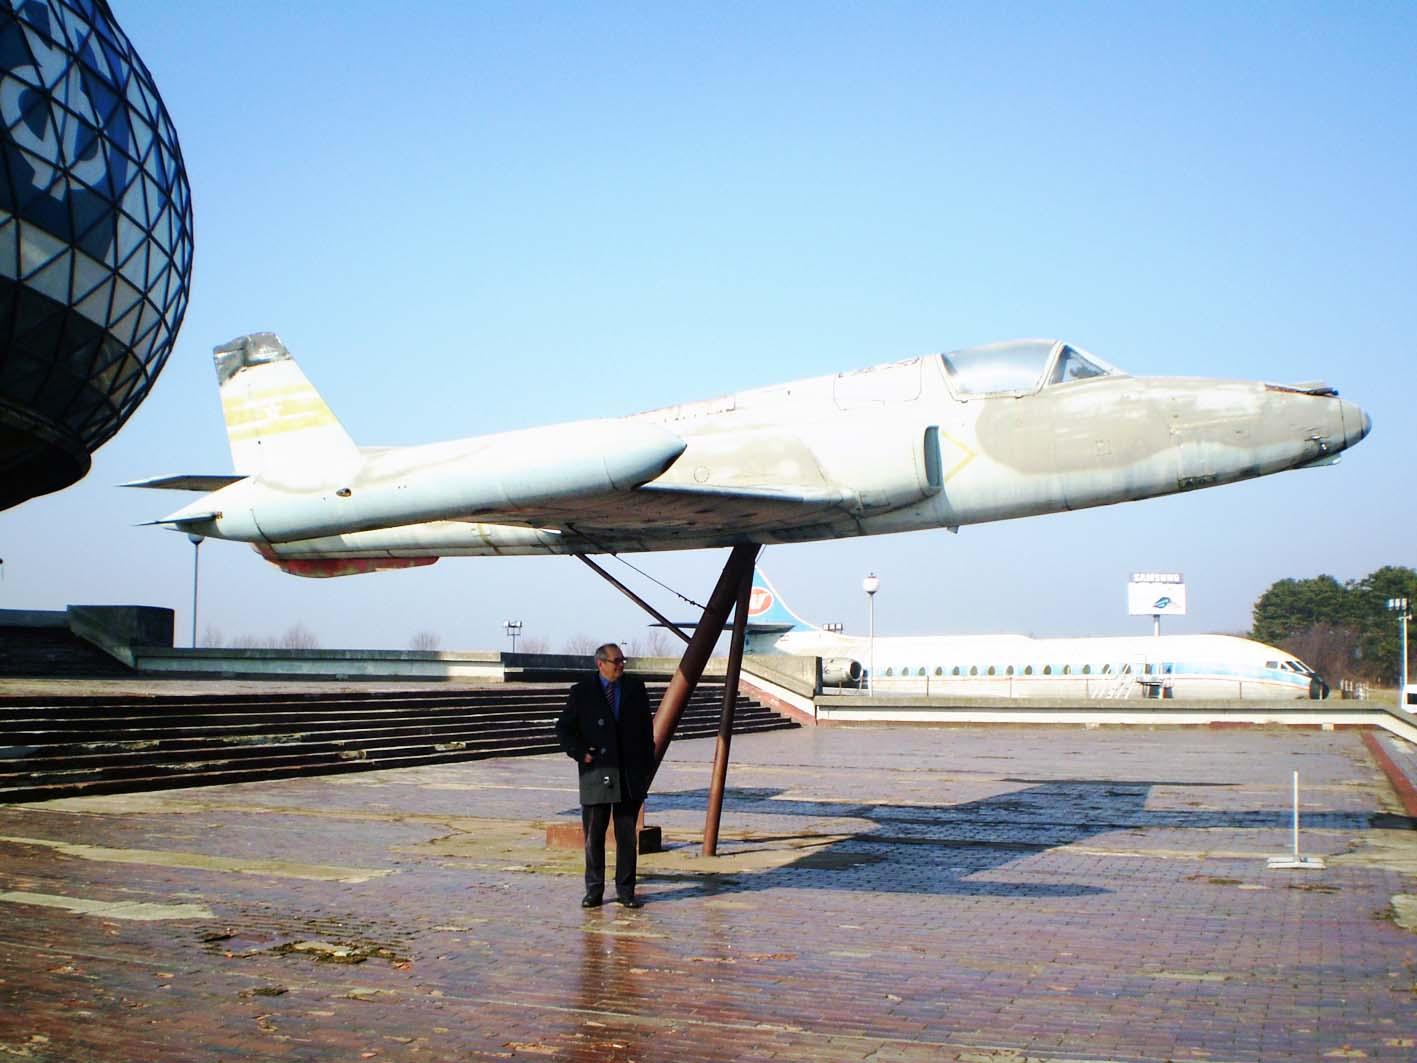 ) Војислав Стојановић испред музеја и авиона Јастреб на којем је летео